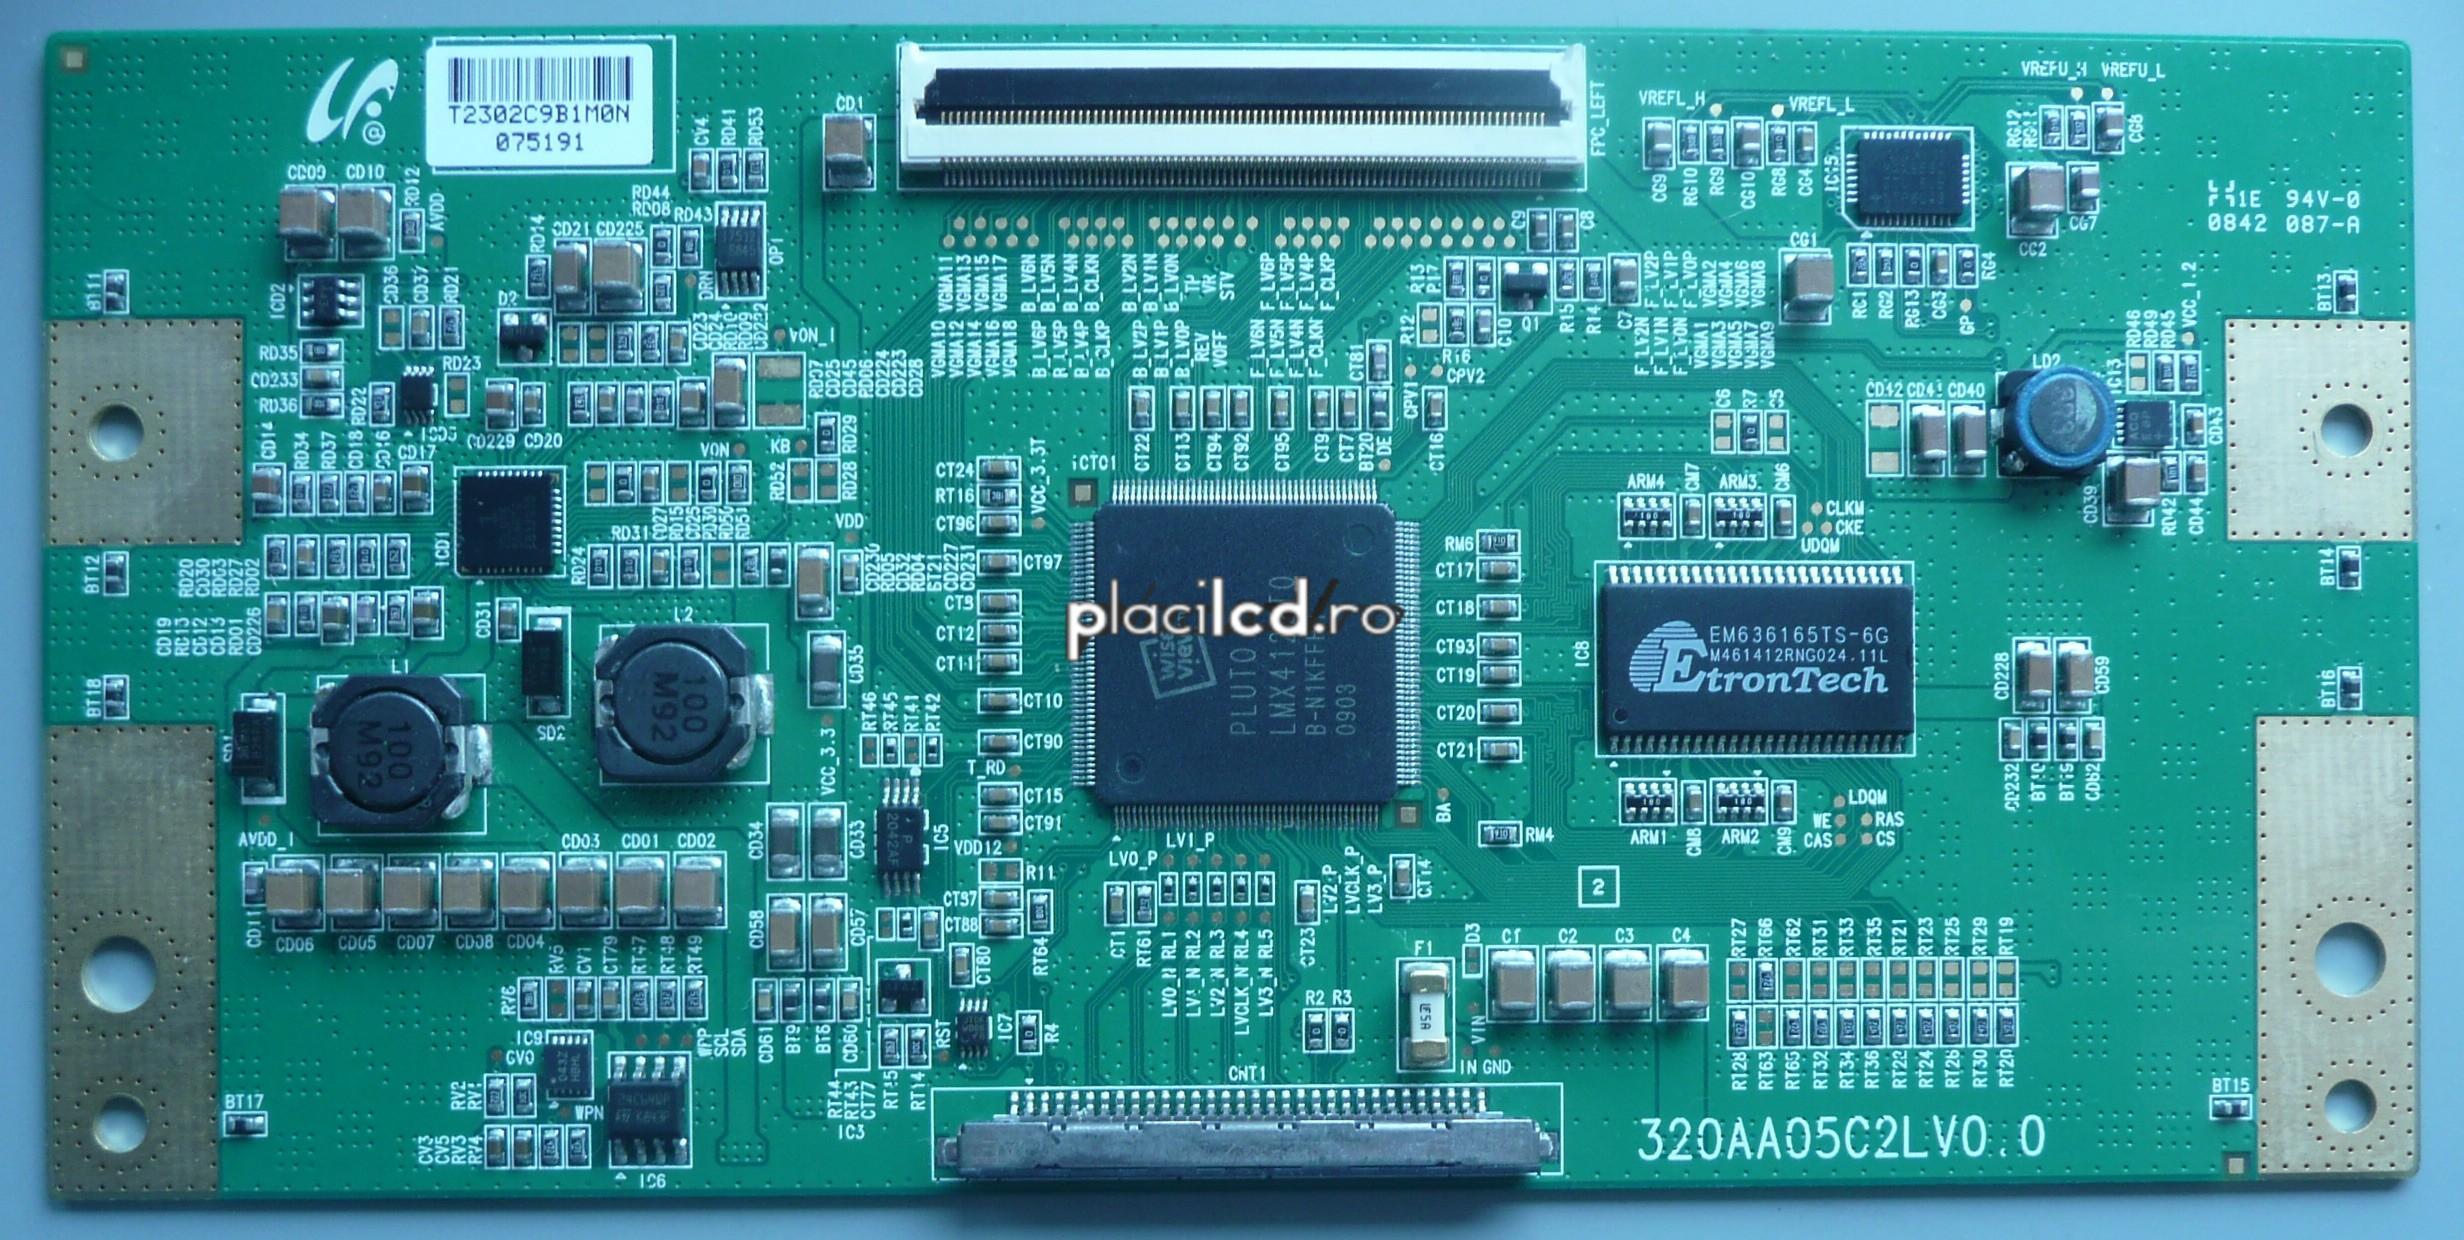 Placa LVDS 320AA05C2LV0.0